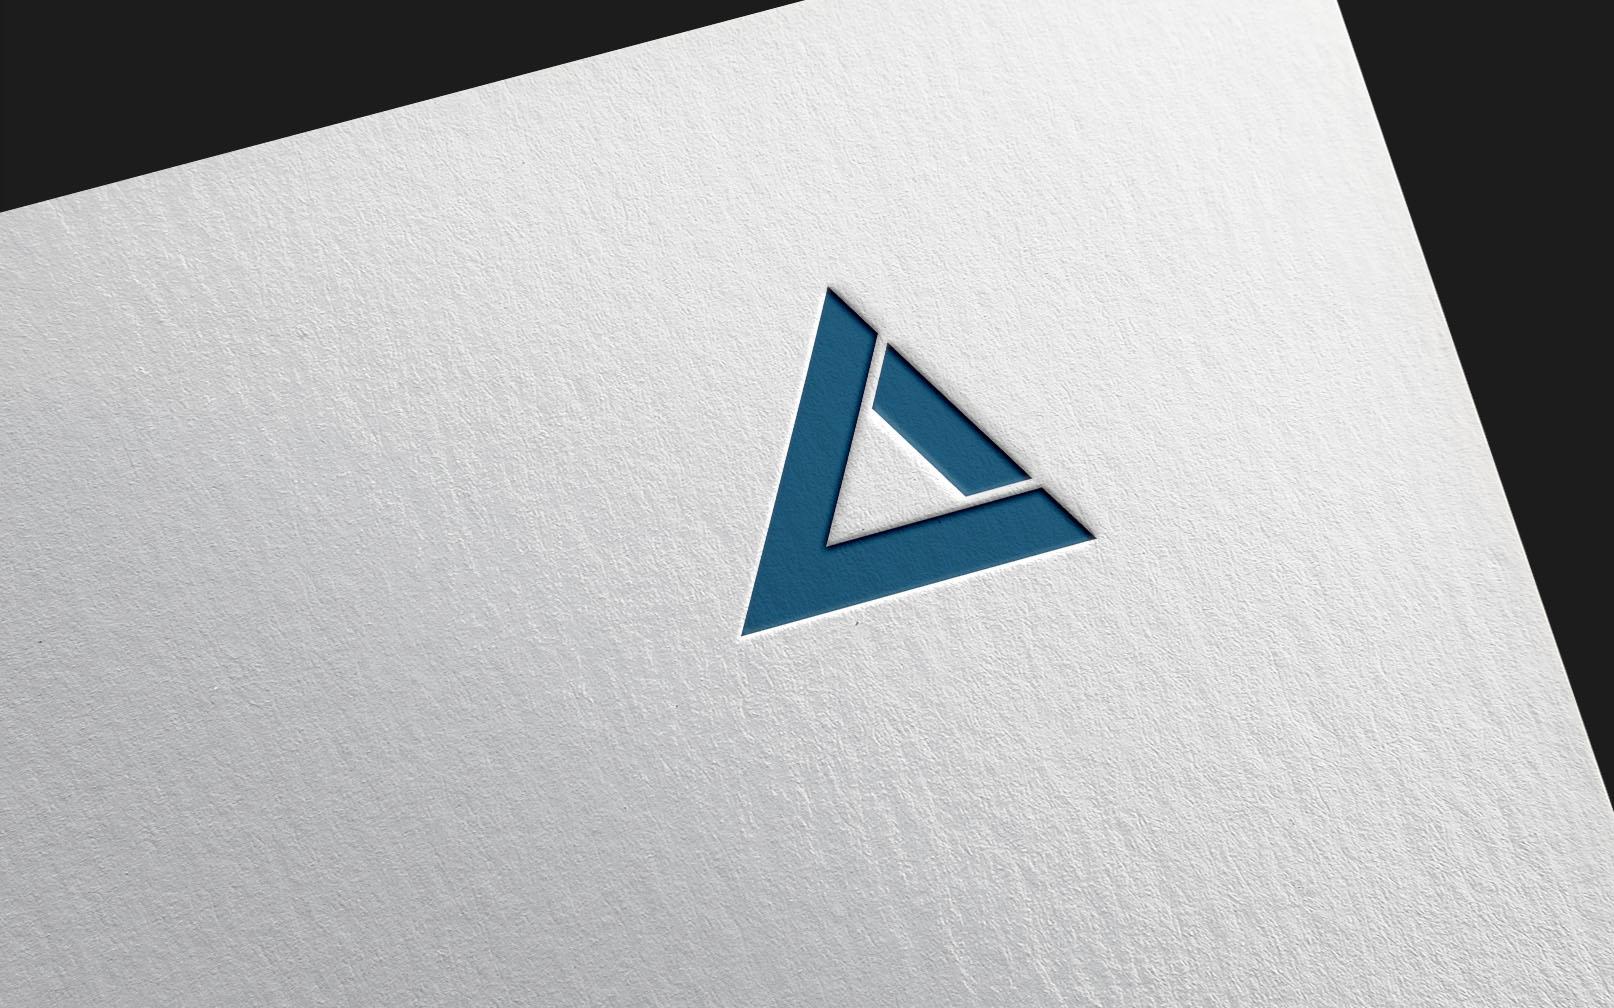 手套品牌logo设计_3036348_k68威客网